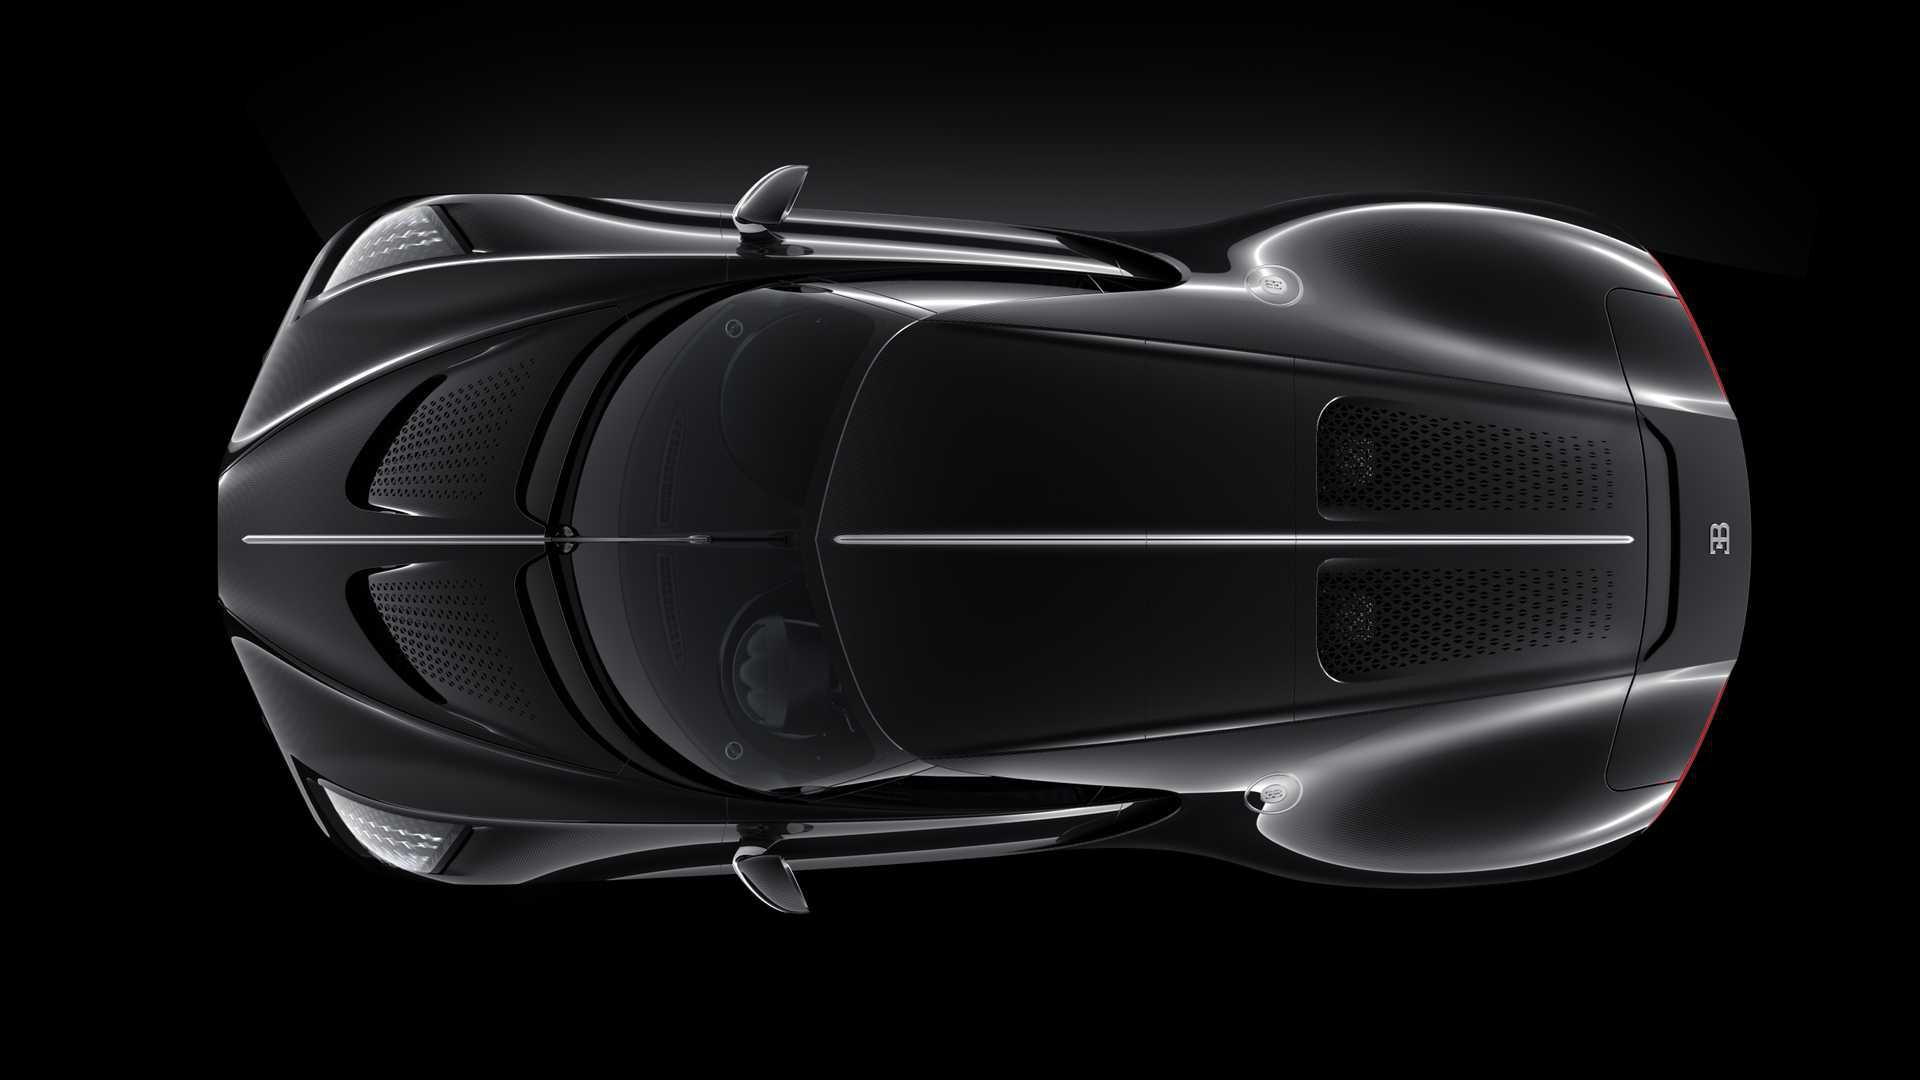 bugatti-la-voiture-noire (7)